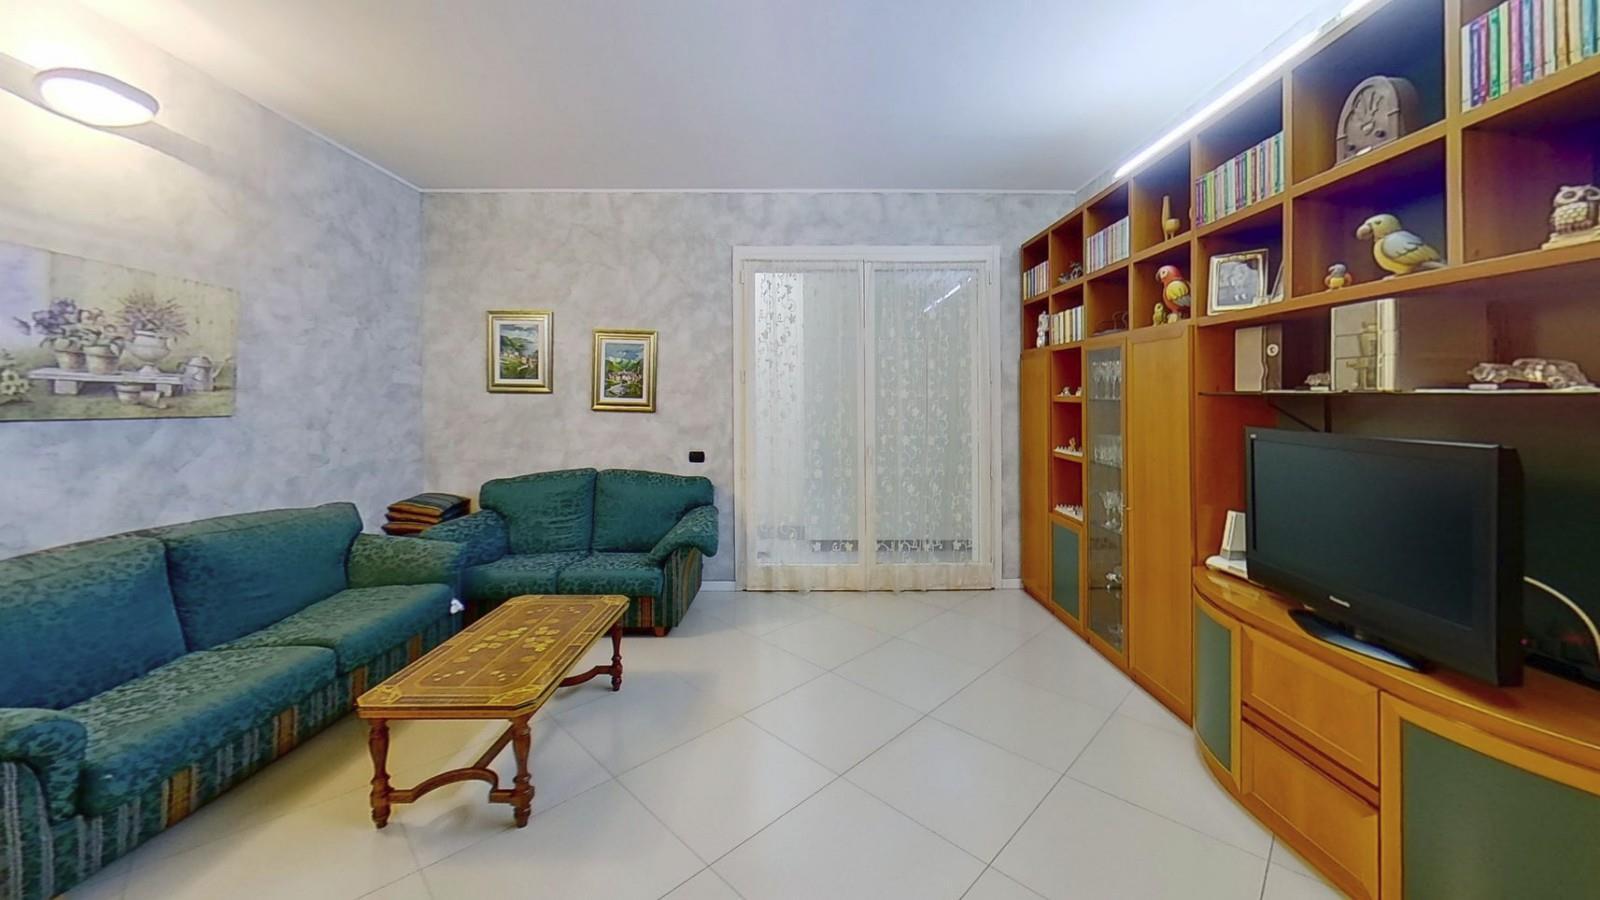 Foto 8 - Appartamento in Vendita - Monza, Zona Buonarroti